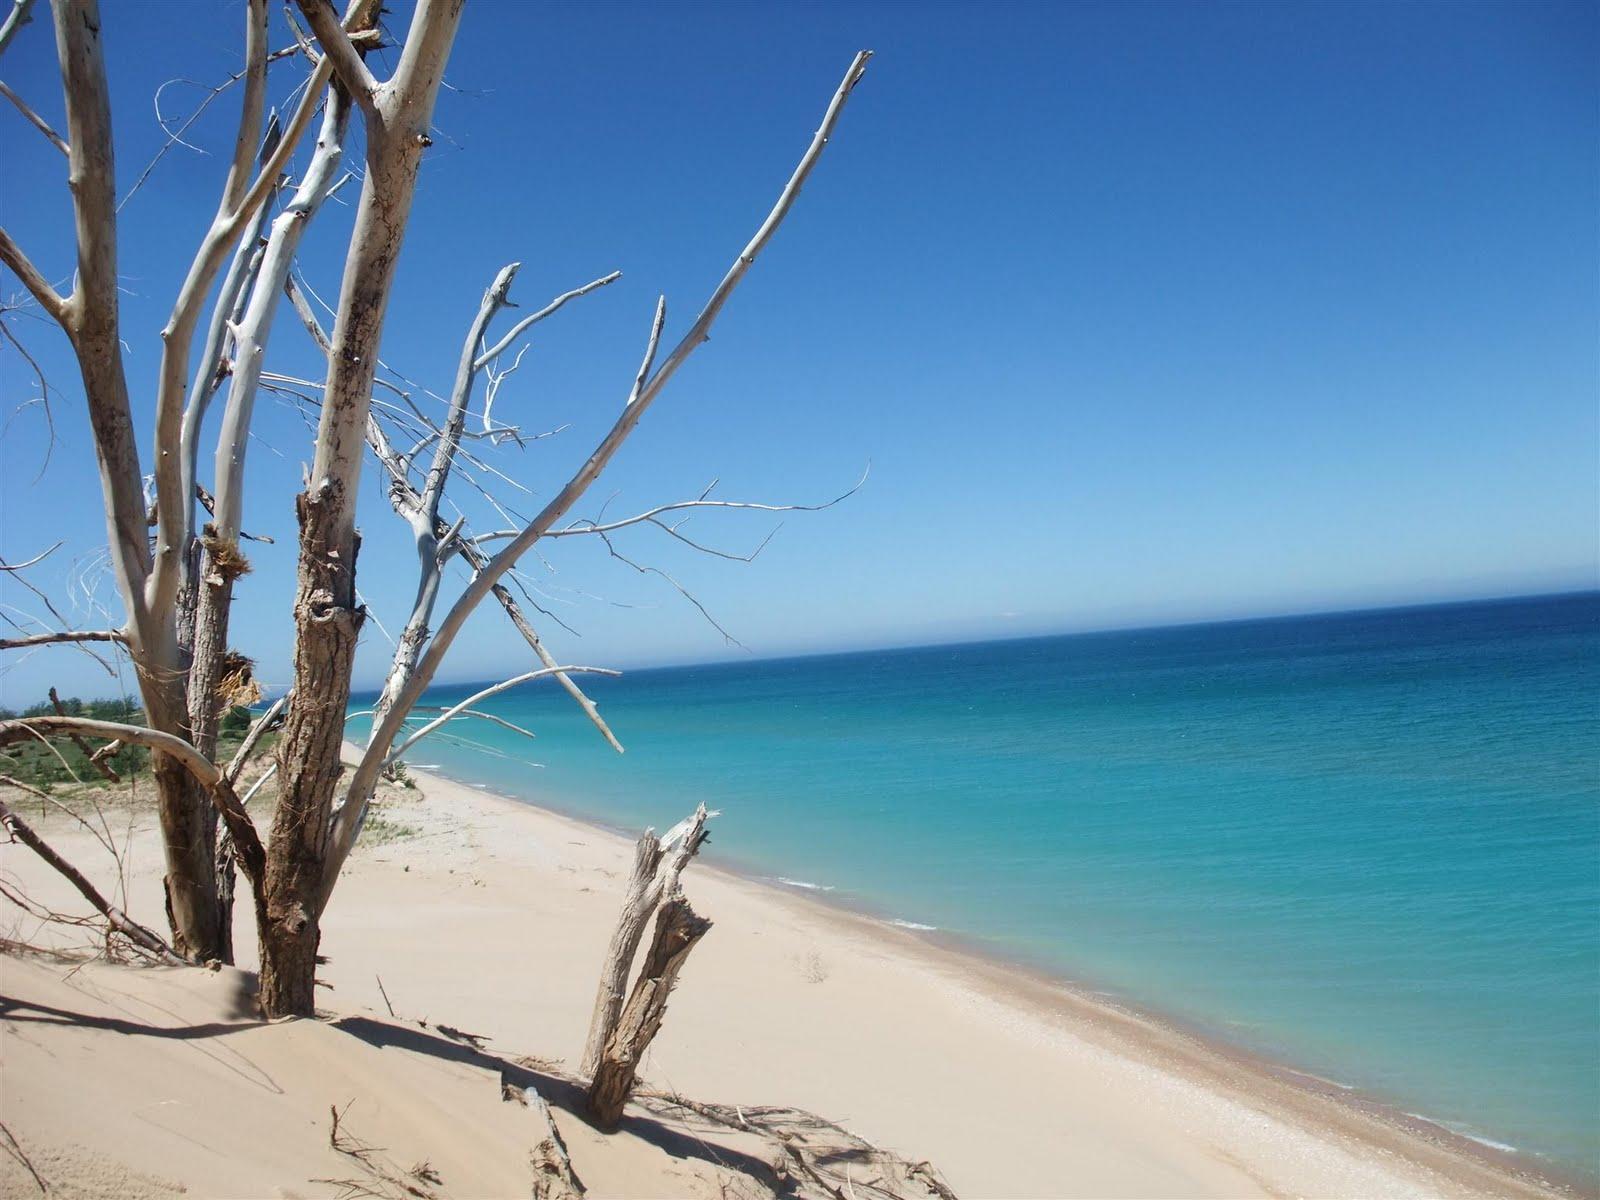 michigan sleeping bear dunes, great lake, lake michigan, sand, water